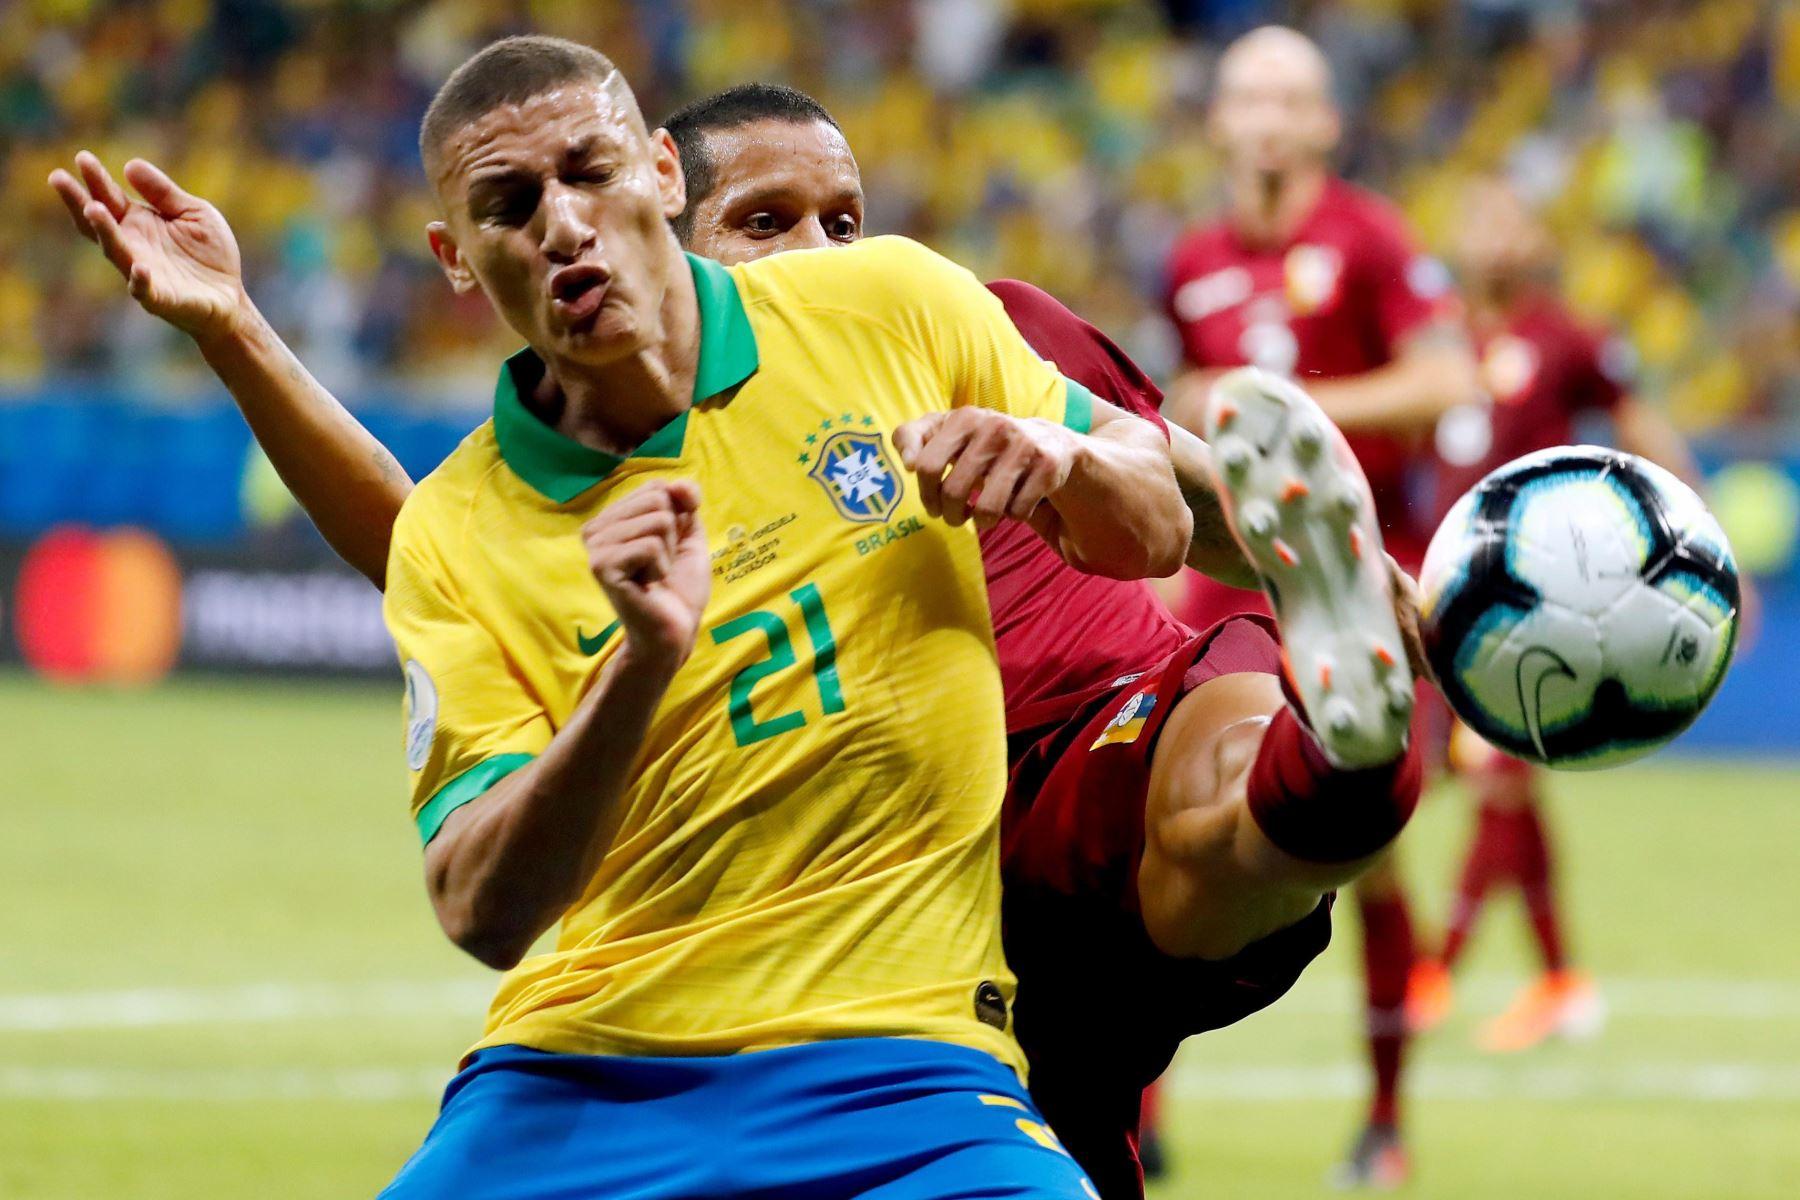 El jugador de Brasil Richarlison (i) disputa el balón con Roberto Rosales de Venezuela, durante el partido Brasil-Venezuela del Grupo A de la Copa América de Fútbol 2019. Foto: AFP